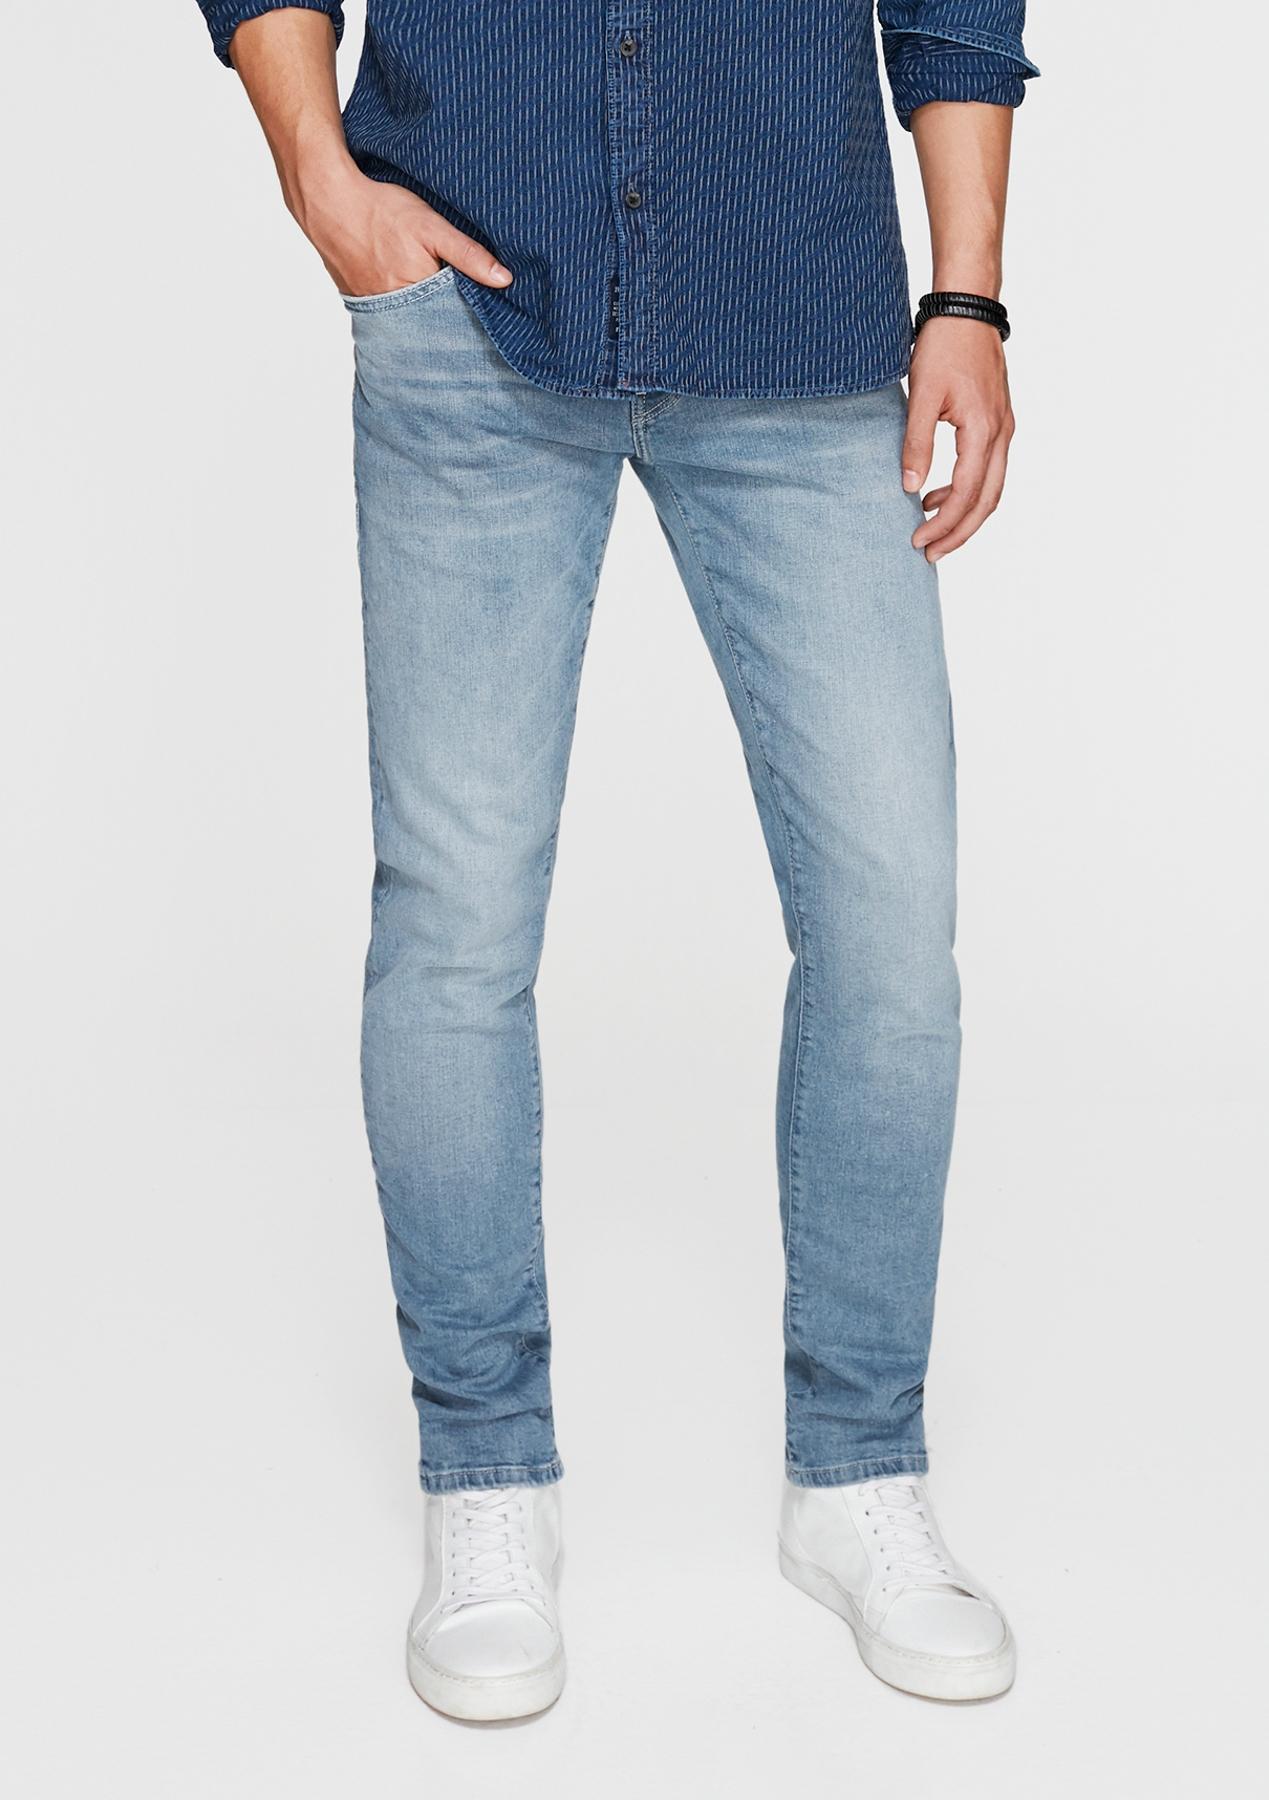 Mavi James Foggy Mavi Black Comfor Klasik Pantolon 27-32 5001820148011 Ürün Resmi